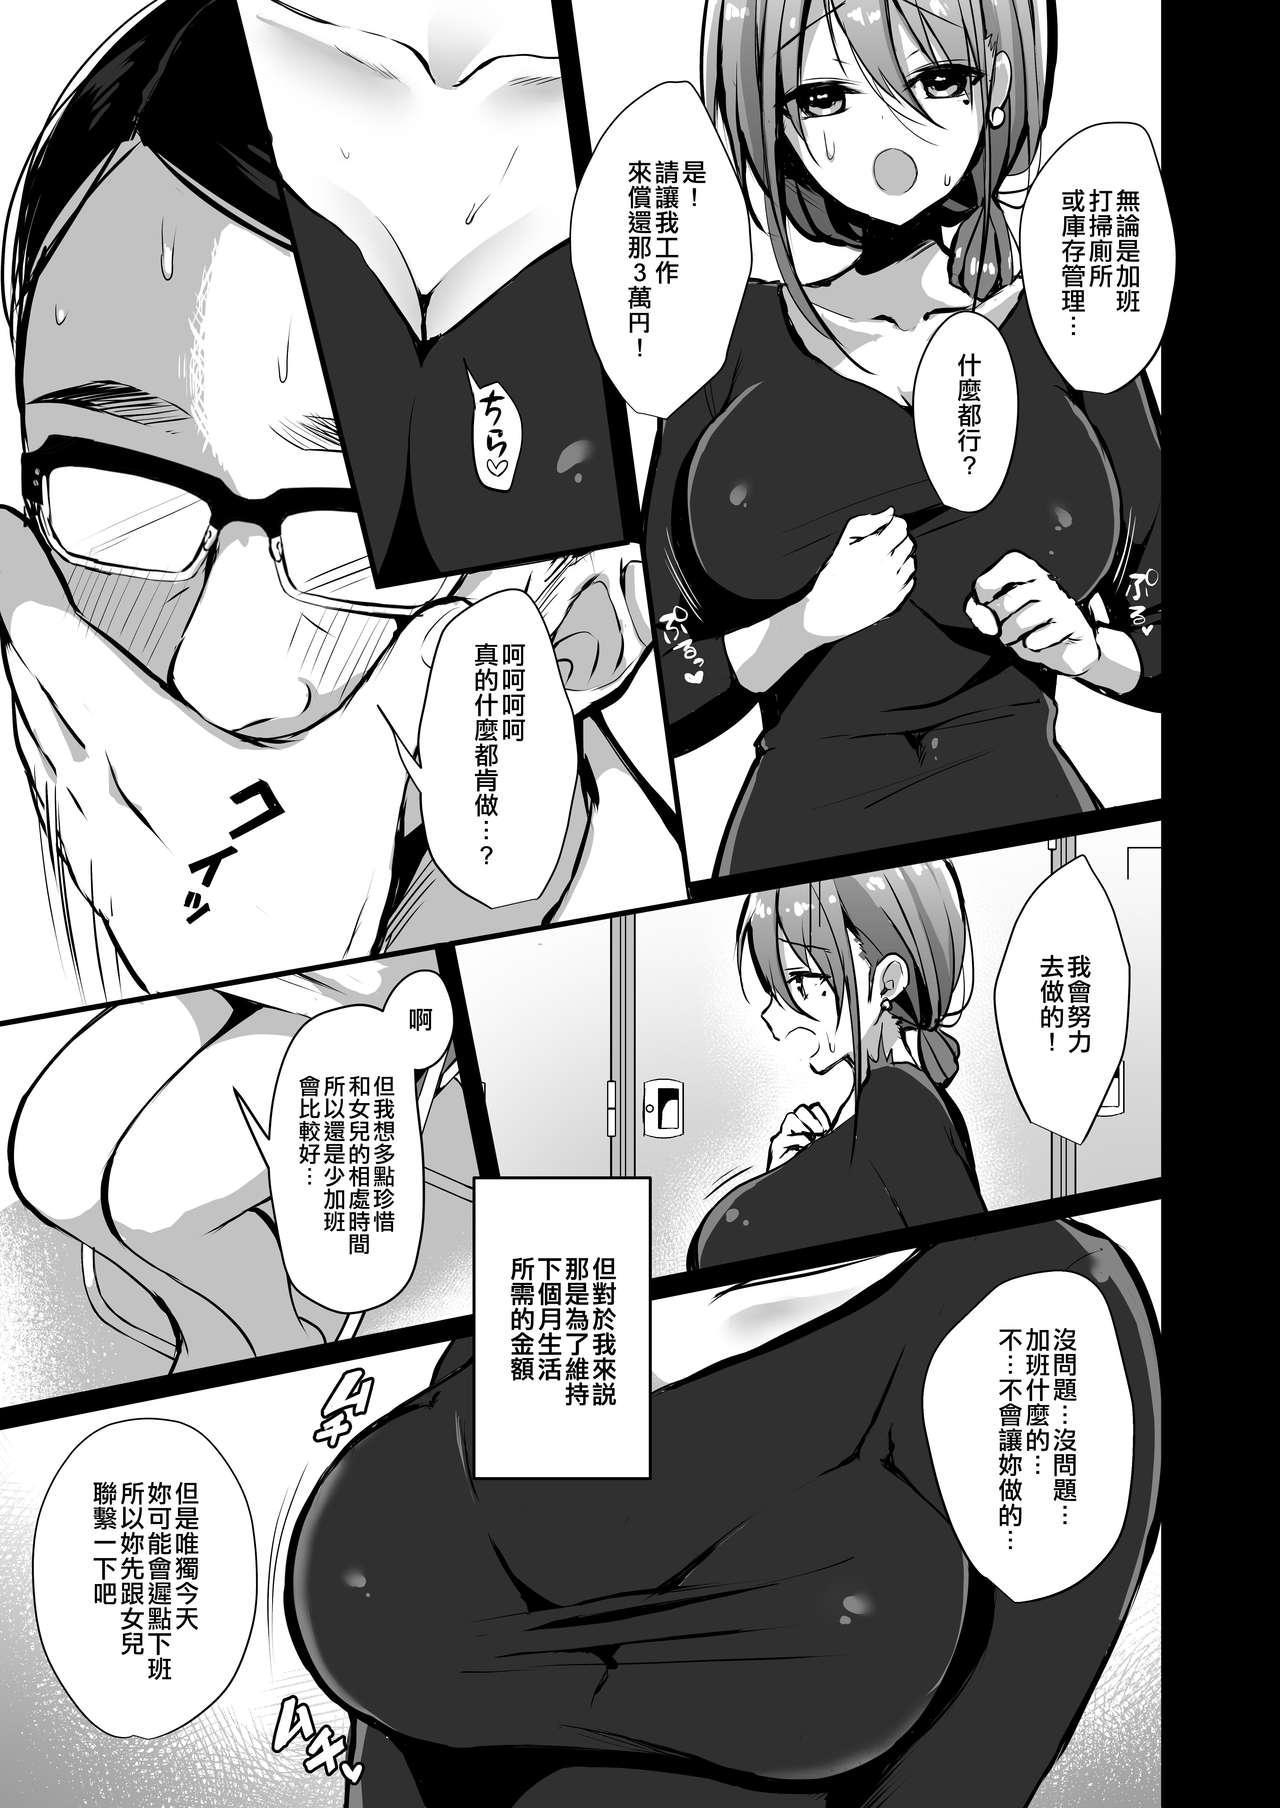 Himitsu 2 5